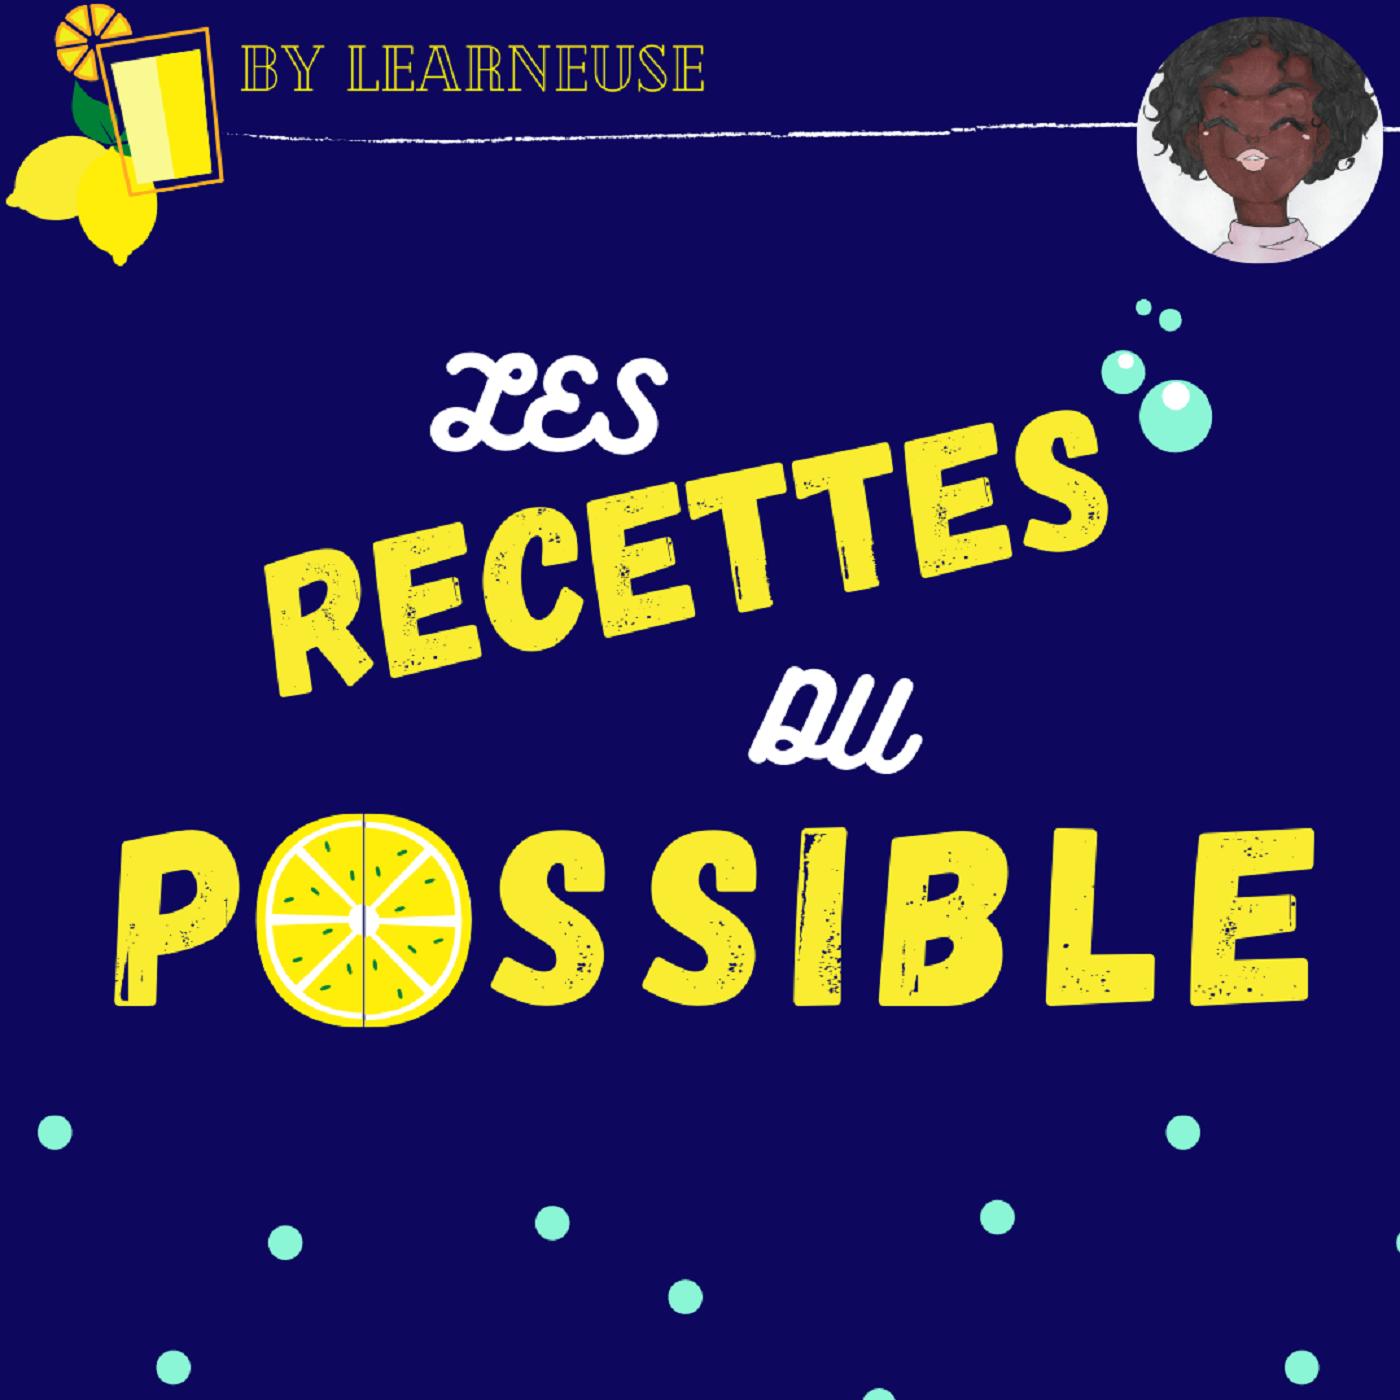 Les Recettes du Possible by Learneuse